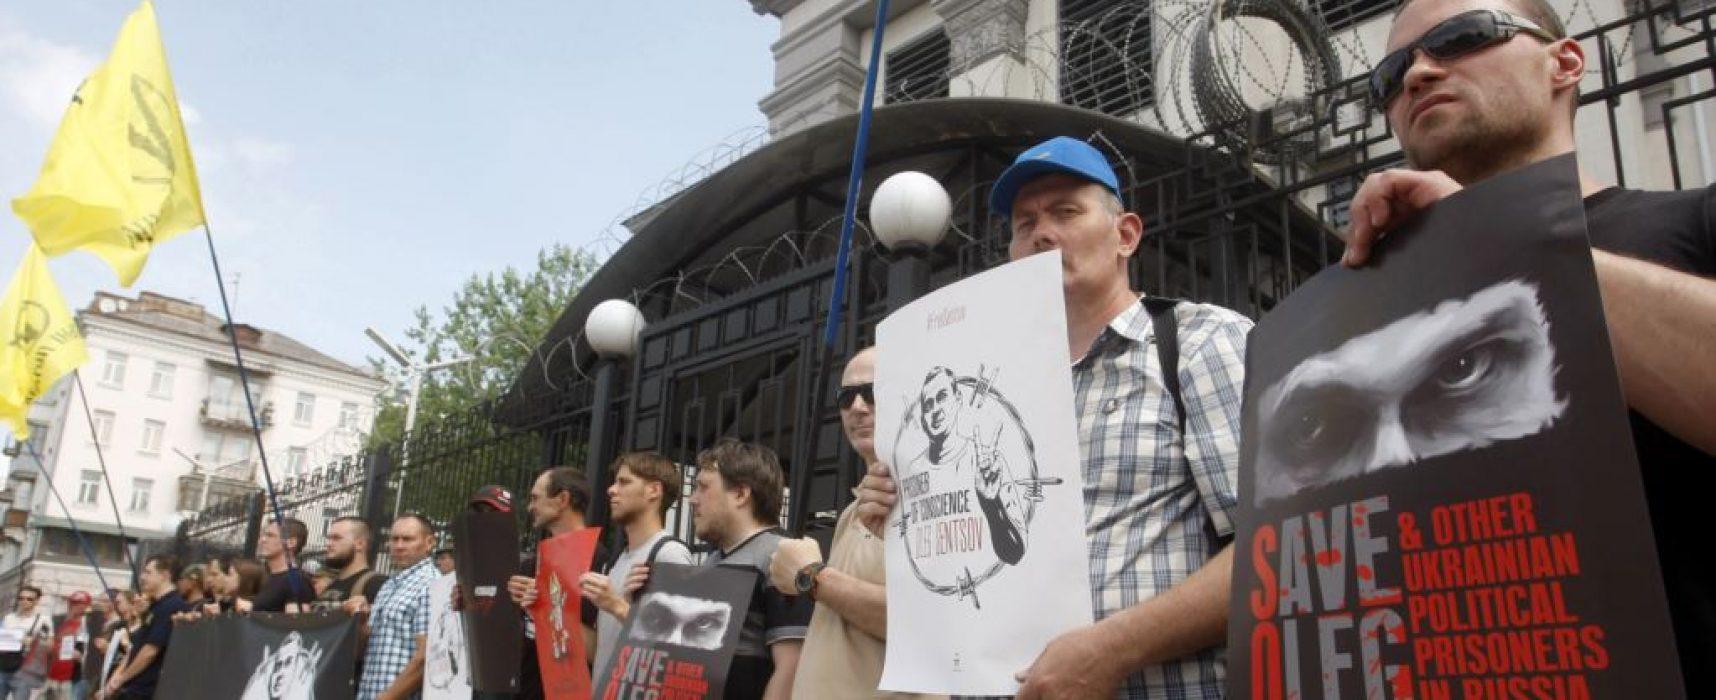 Terroristen oder politische Gefangene? Russland reagiert auf US-Außenministerium